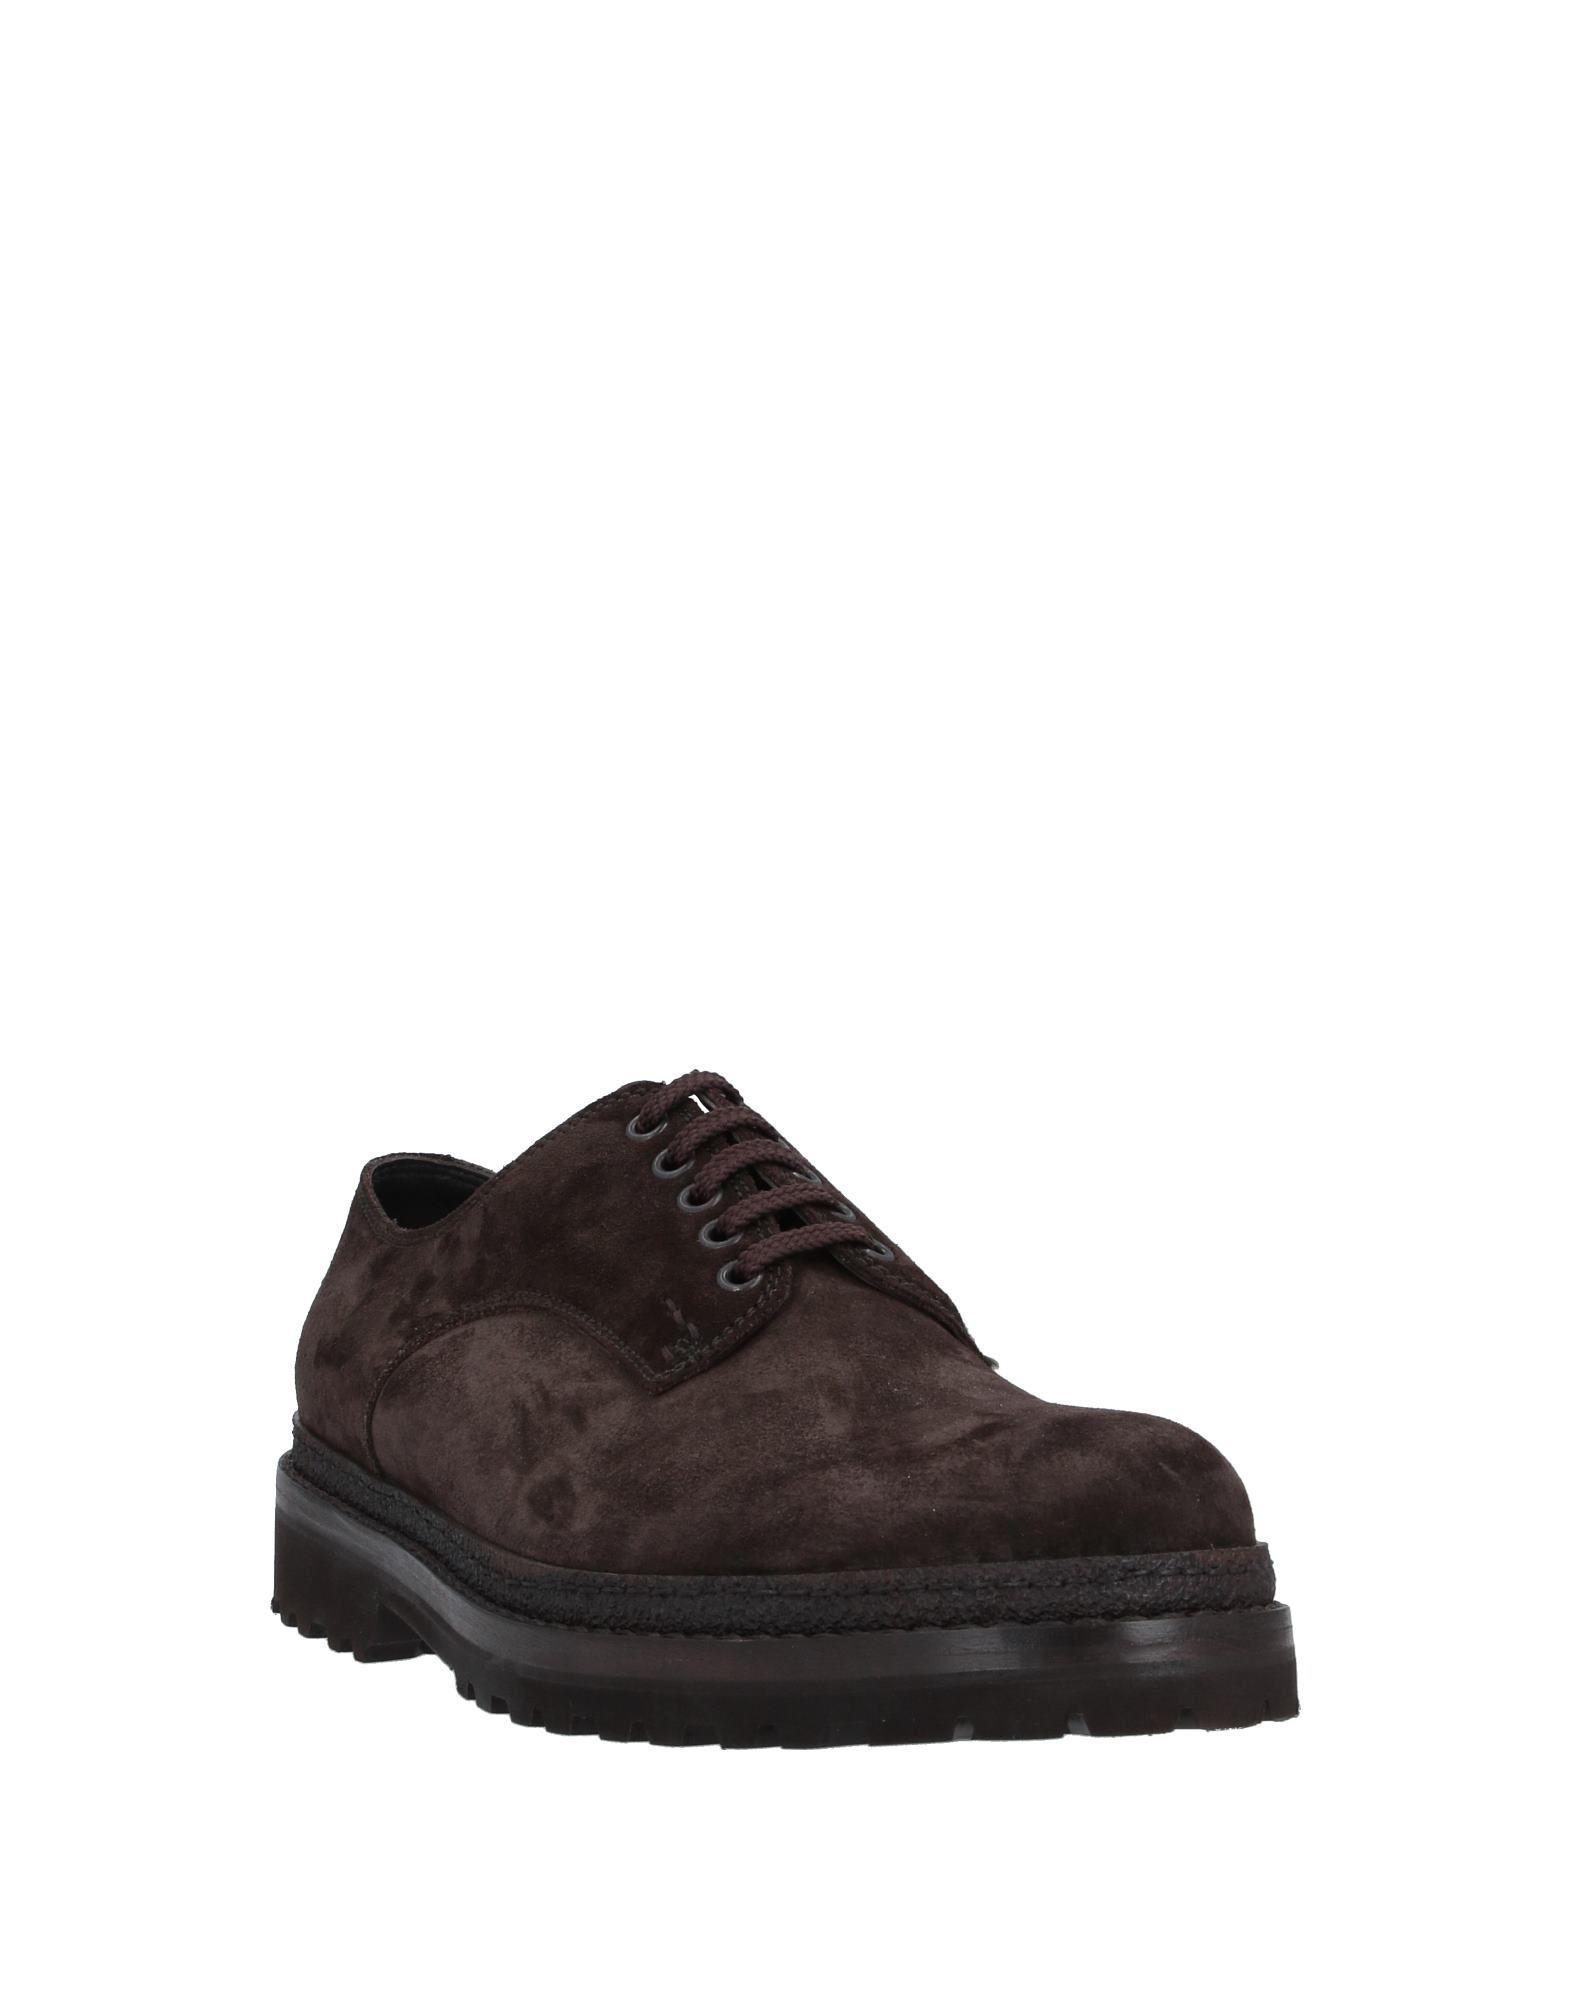 Zapatos de cordones Lo.white de hombre de color Marrón